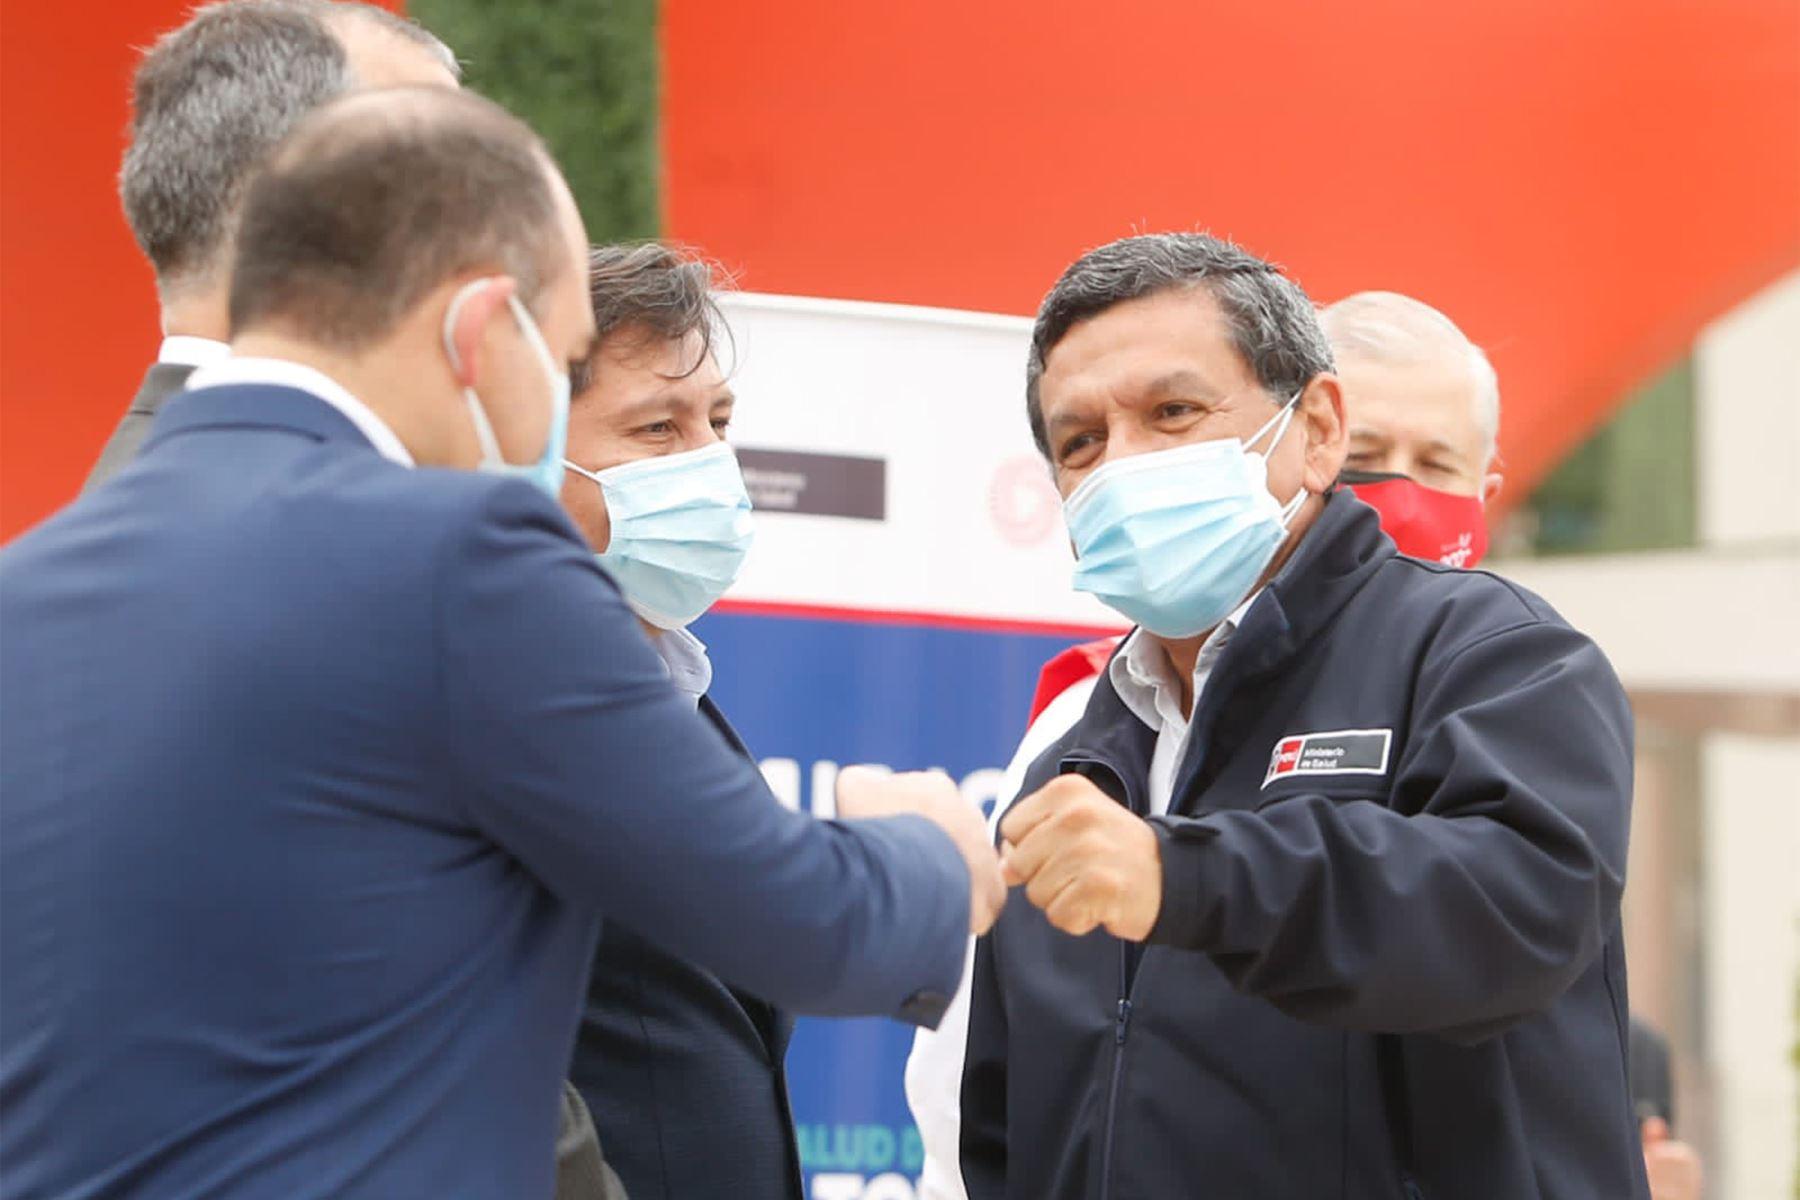 Empresas de telecomunicaciones Bitel, Entel, Claro y Movistar se suman al esfuerzo del Ministerio de Salud de cerrar brechas de vacunación y anuncian grandes beneficios para quienes se vacunen. Foto: Minsa